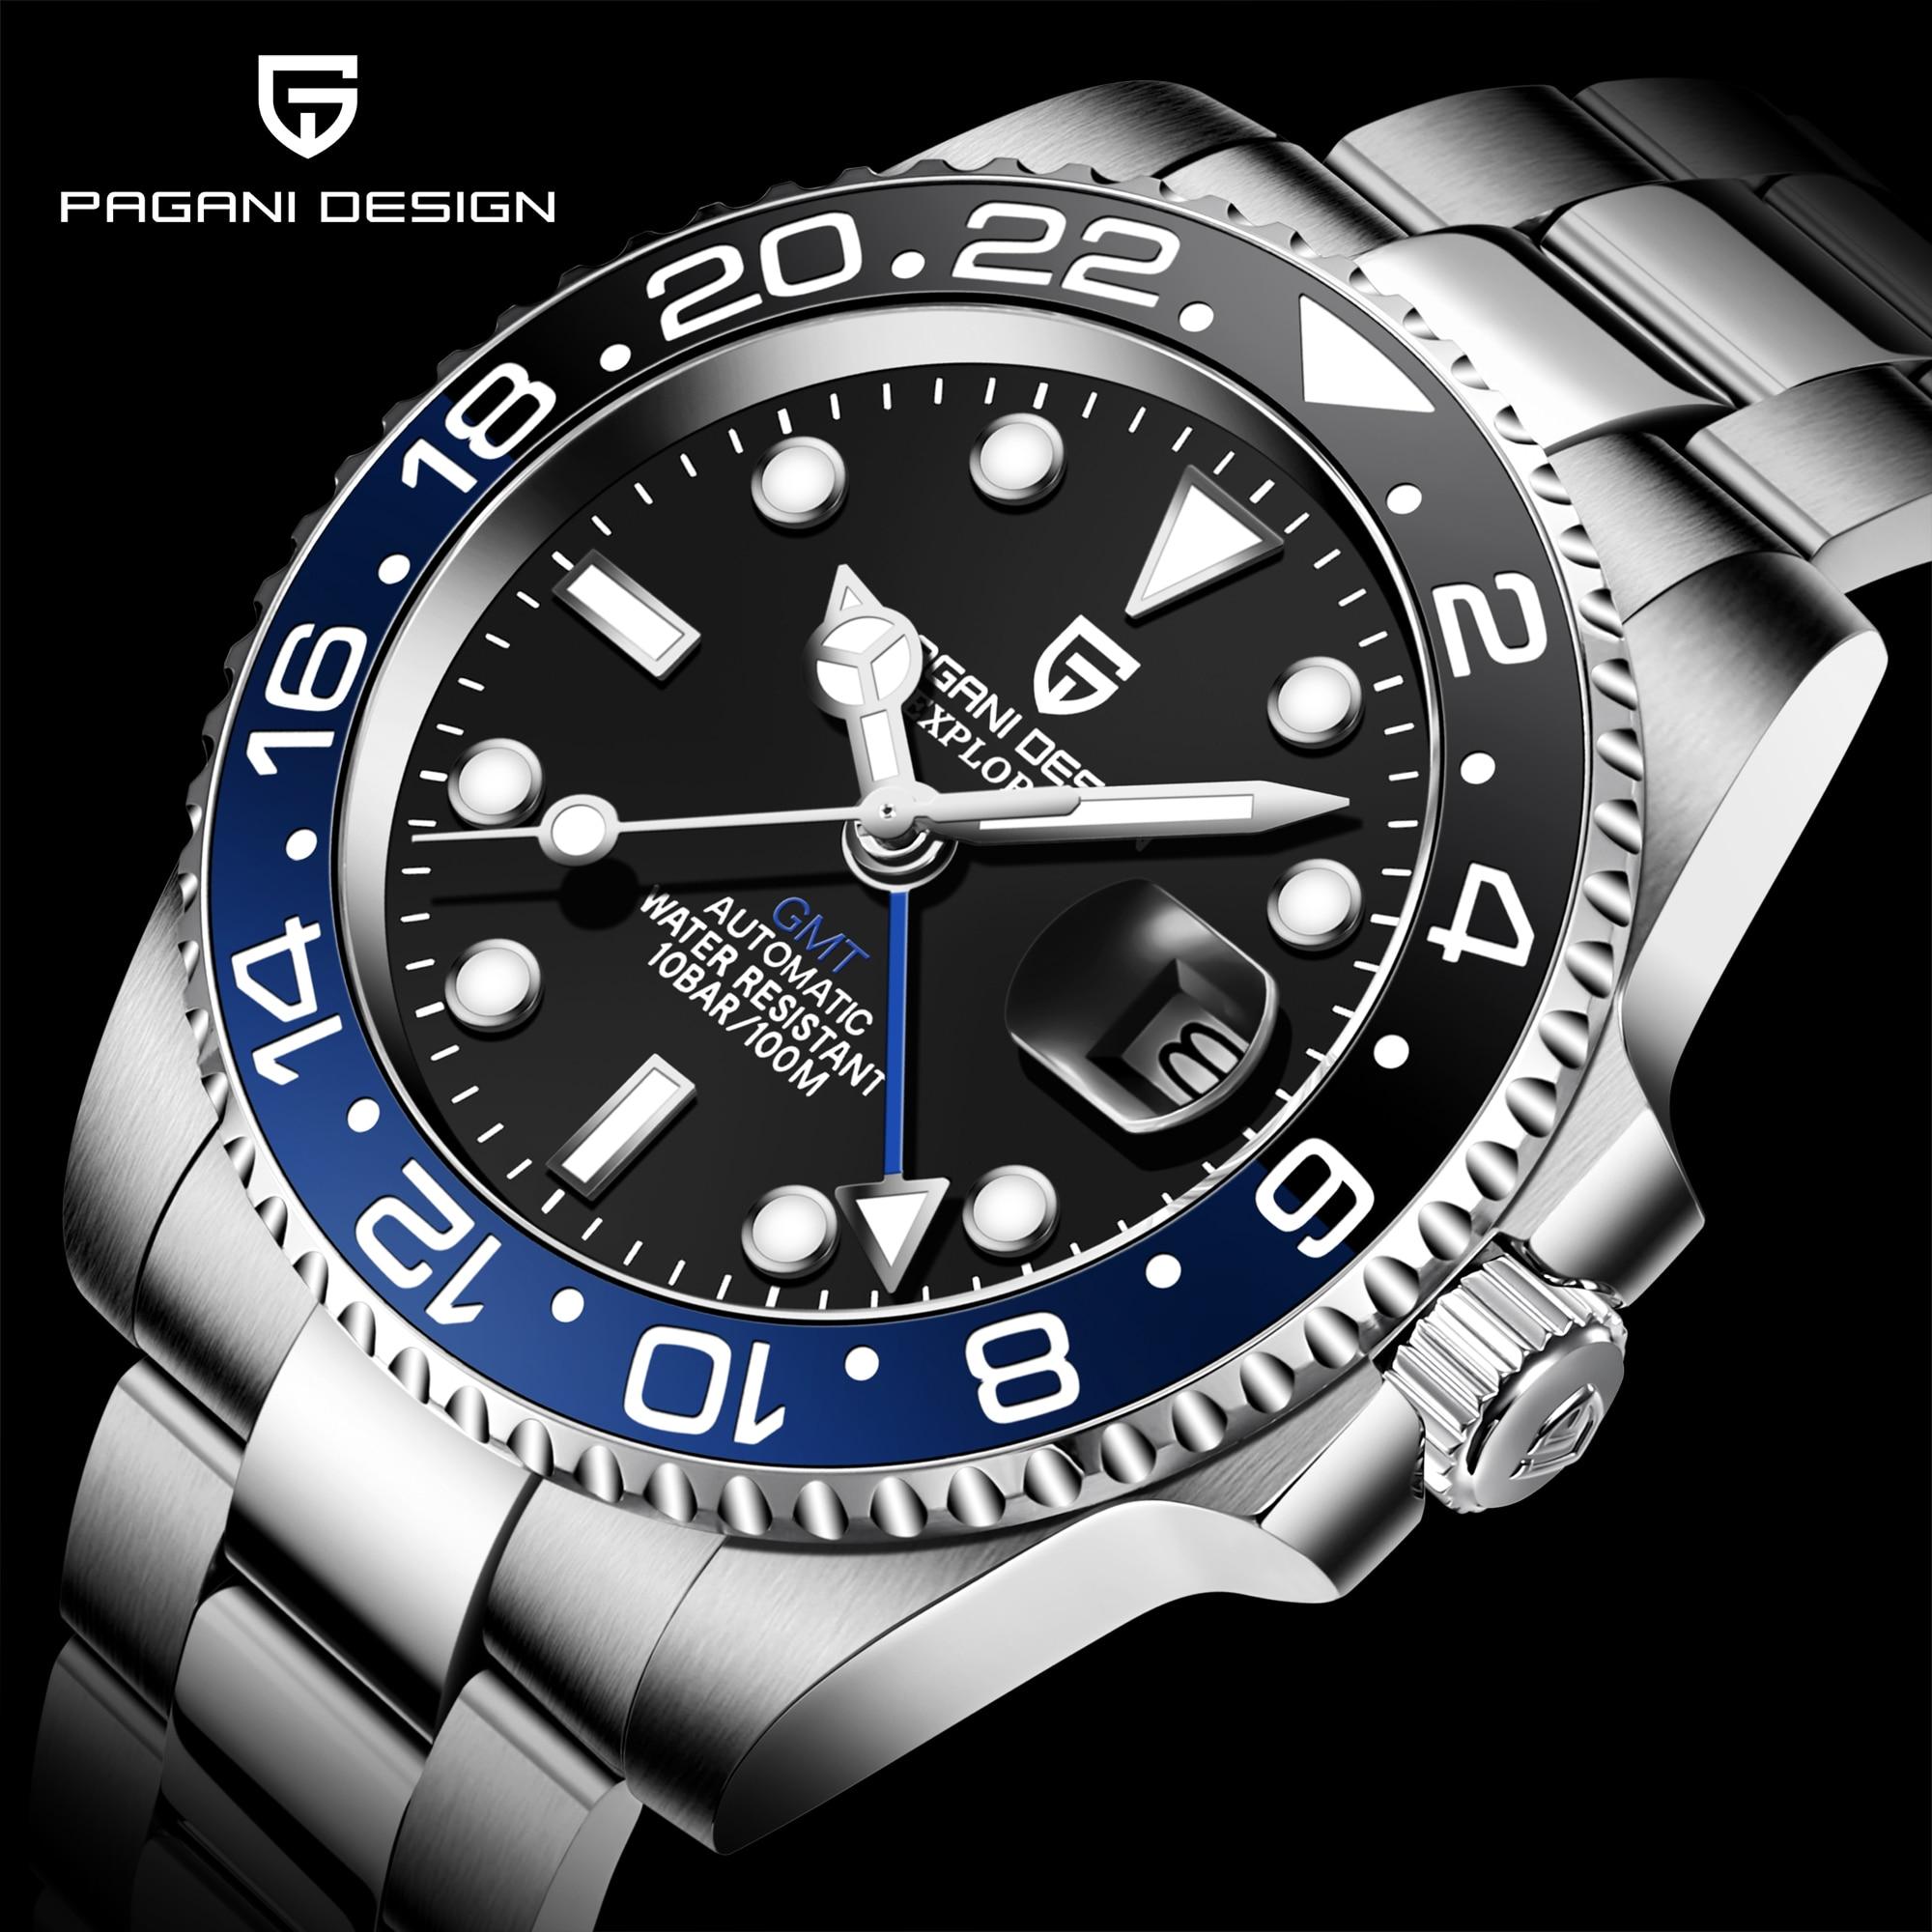 PAGANI DESIGN 2020 роскошные мужские механические наручные часы из нержавеющей стали GMT часы лучший бренд сапфировое стекло Мужские часы reloj hombre